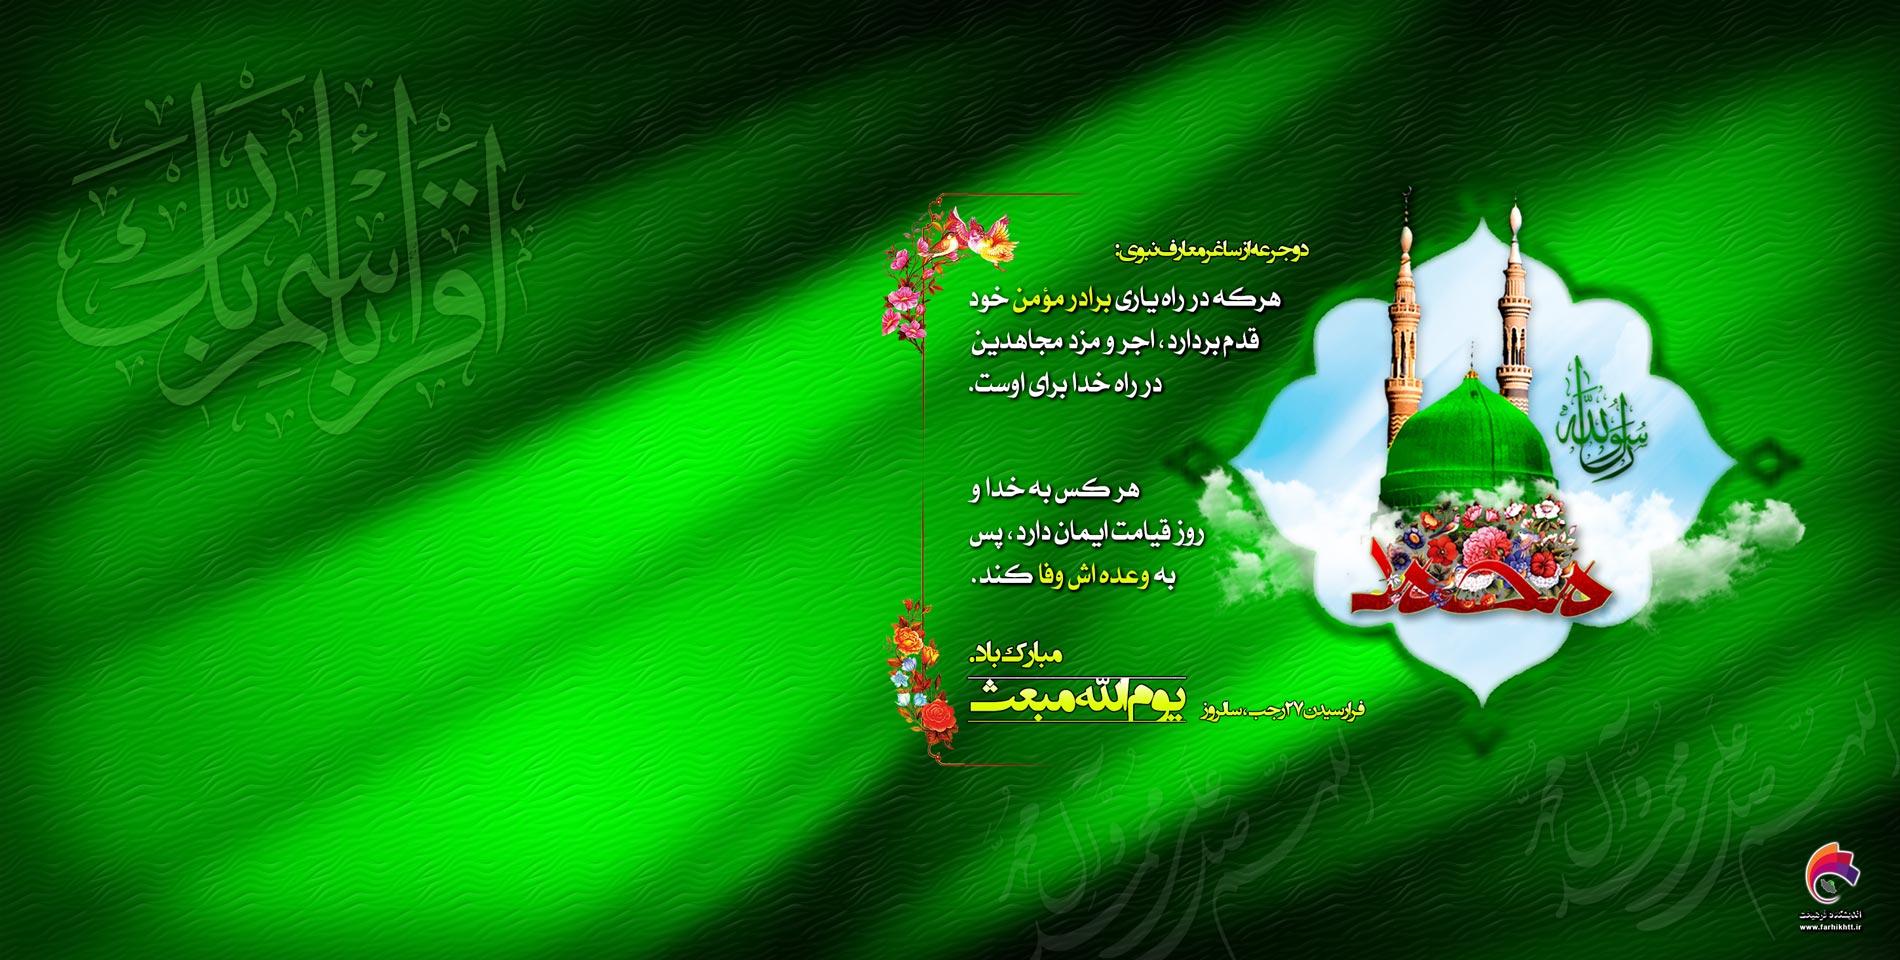 /نگارخانه فرهیخت: فرارسیدن 27 رجب، فرخنده سالروز مبعث پیامبر رحمت و عطوفت، حضرت محمد مصطفی (ص) مبارک باد